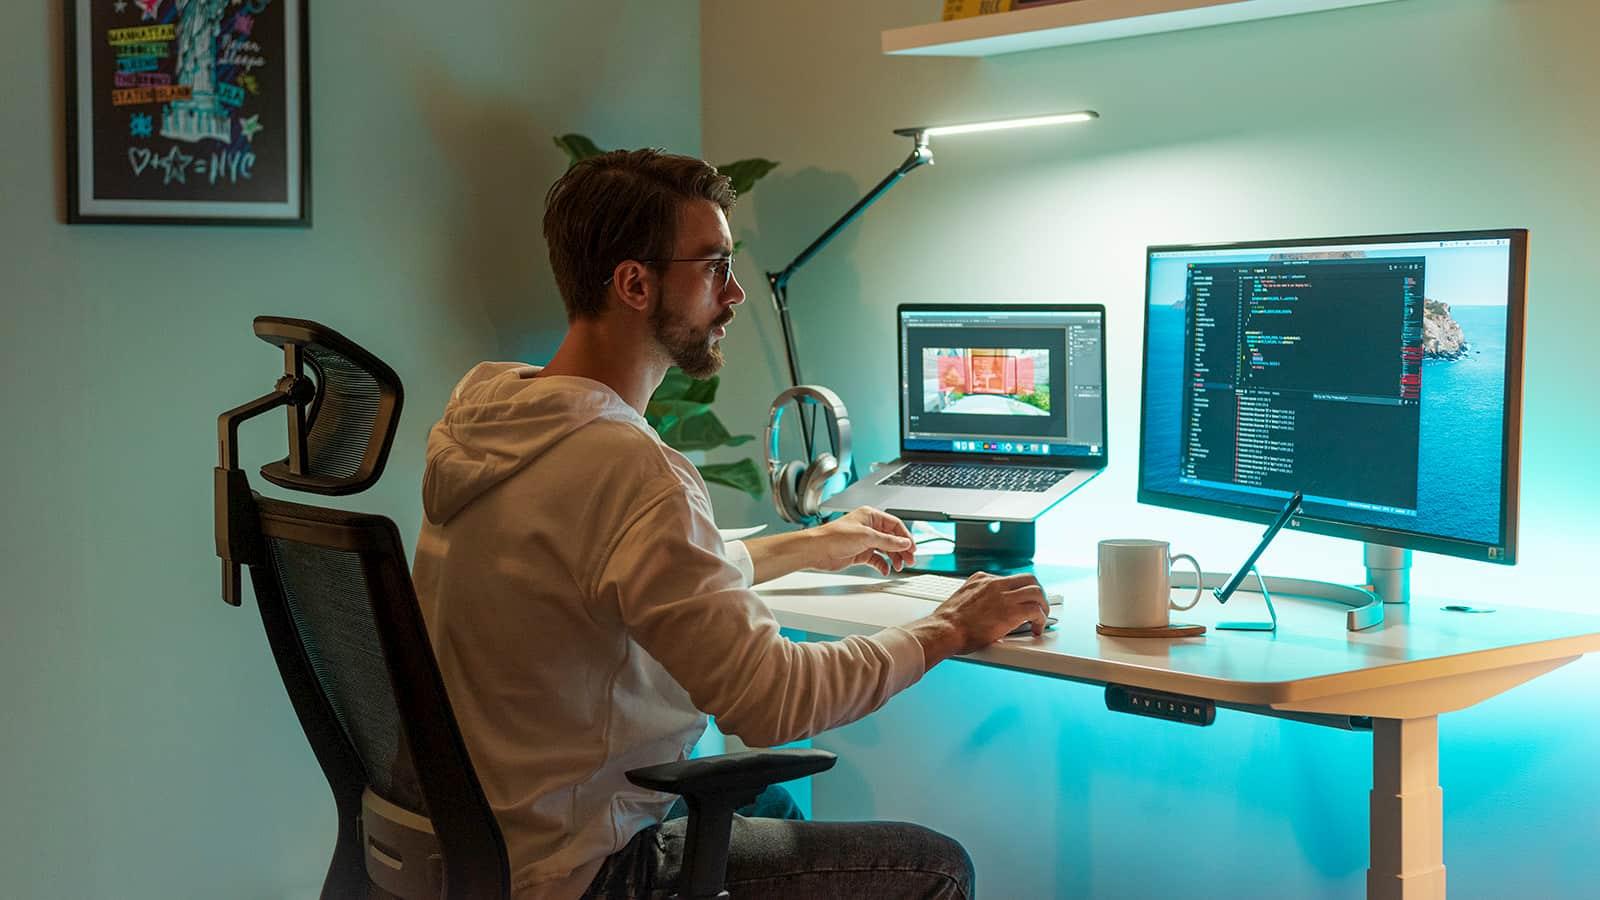 Autonomous smart desk 4